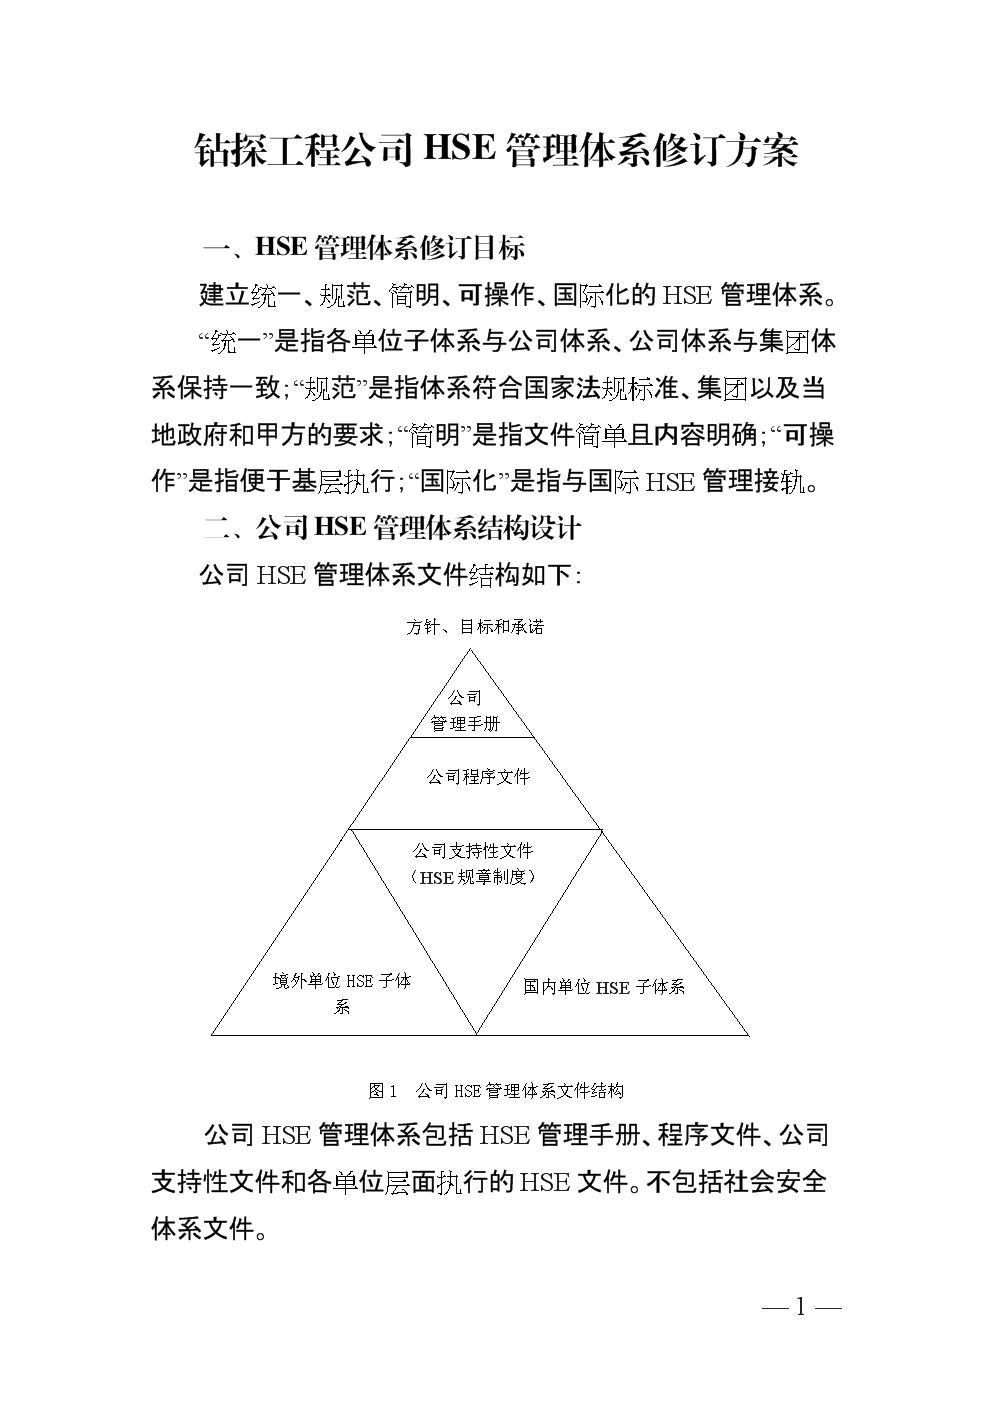 钻探工程公司HSE管理体系修订方案.docx